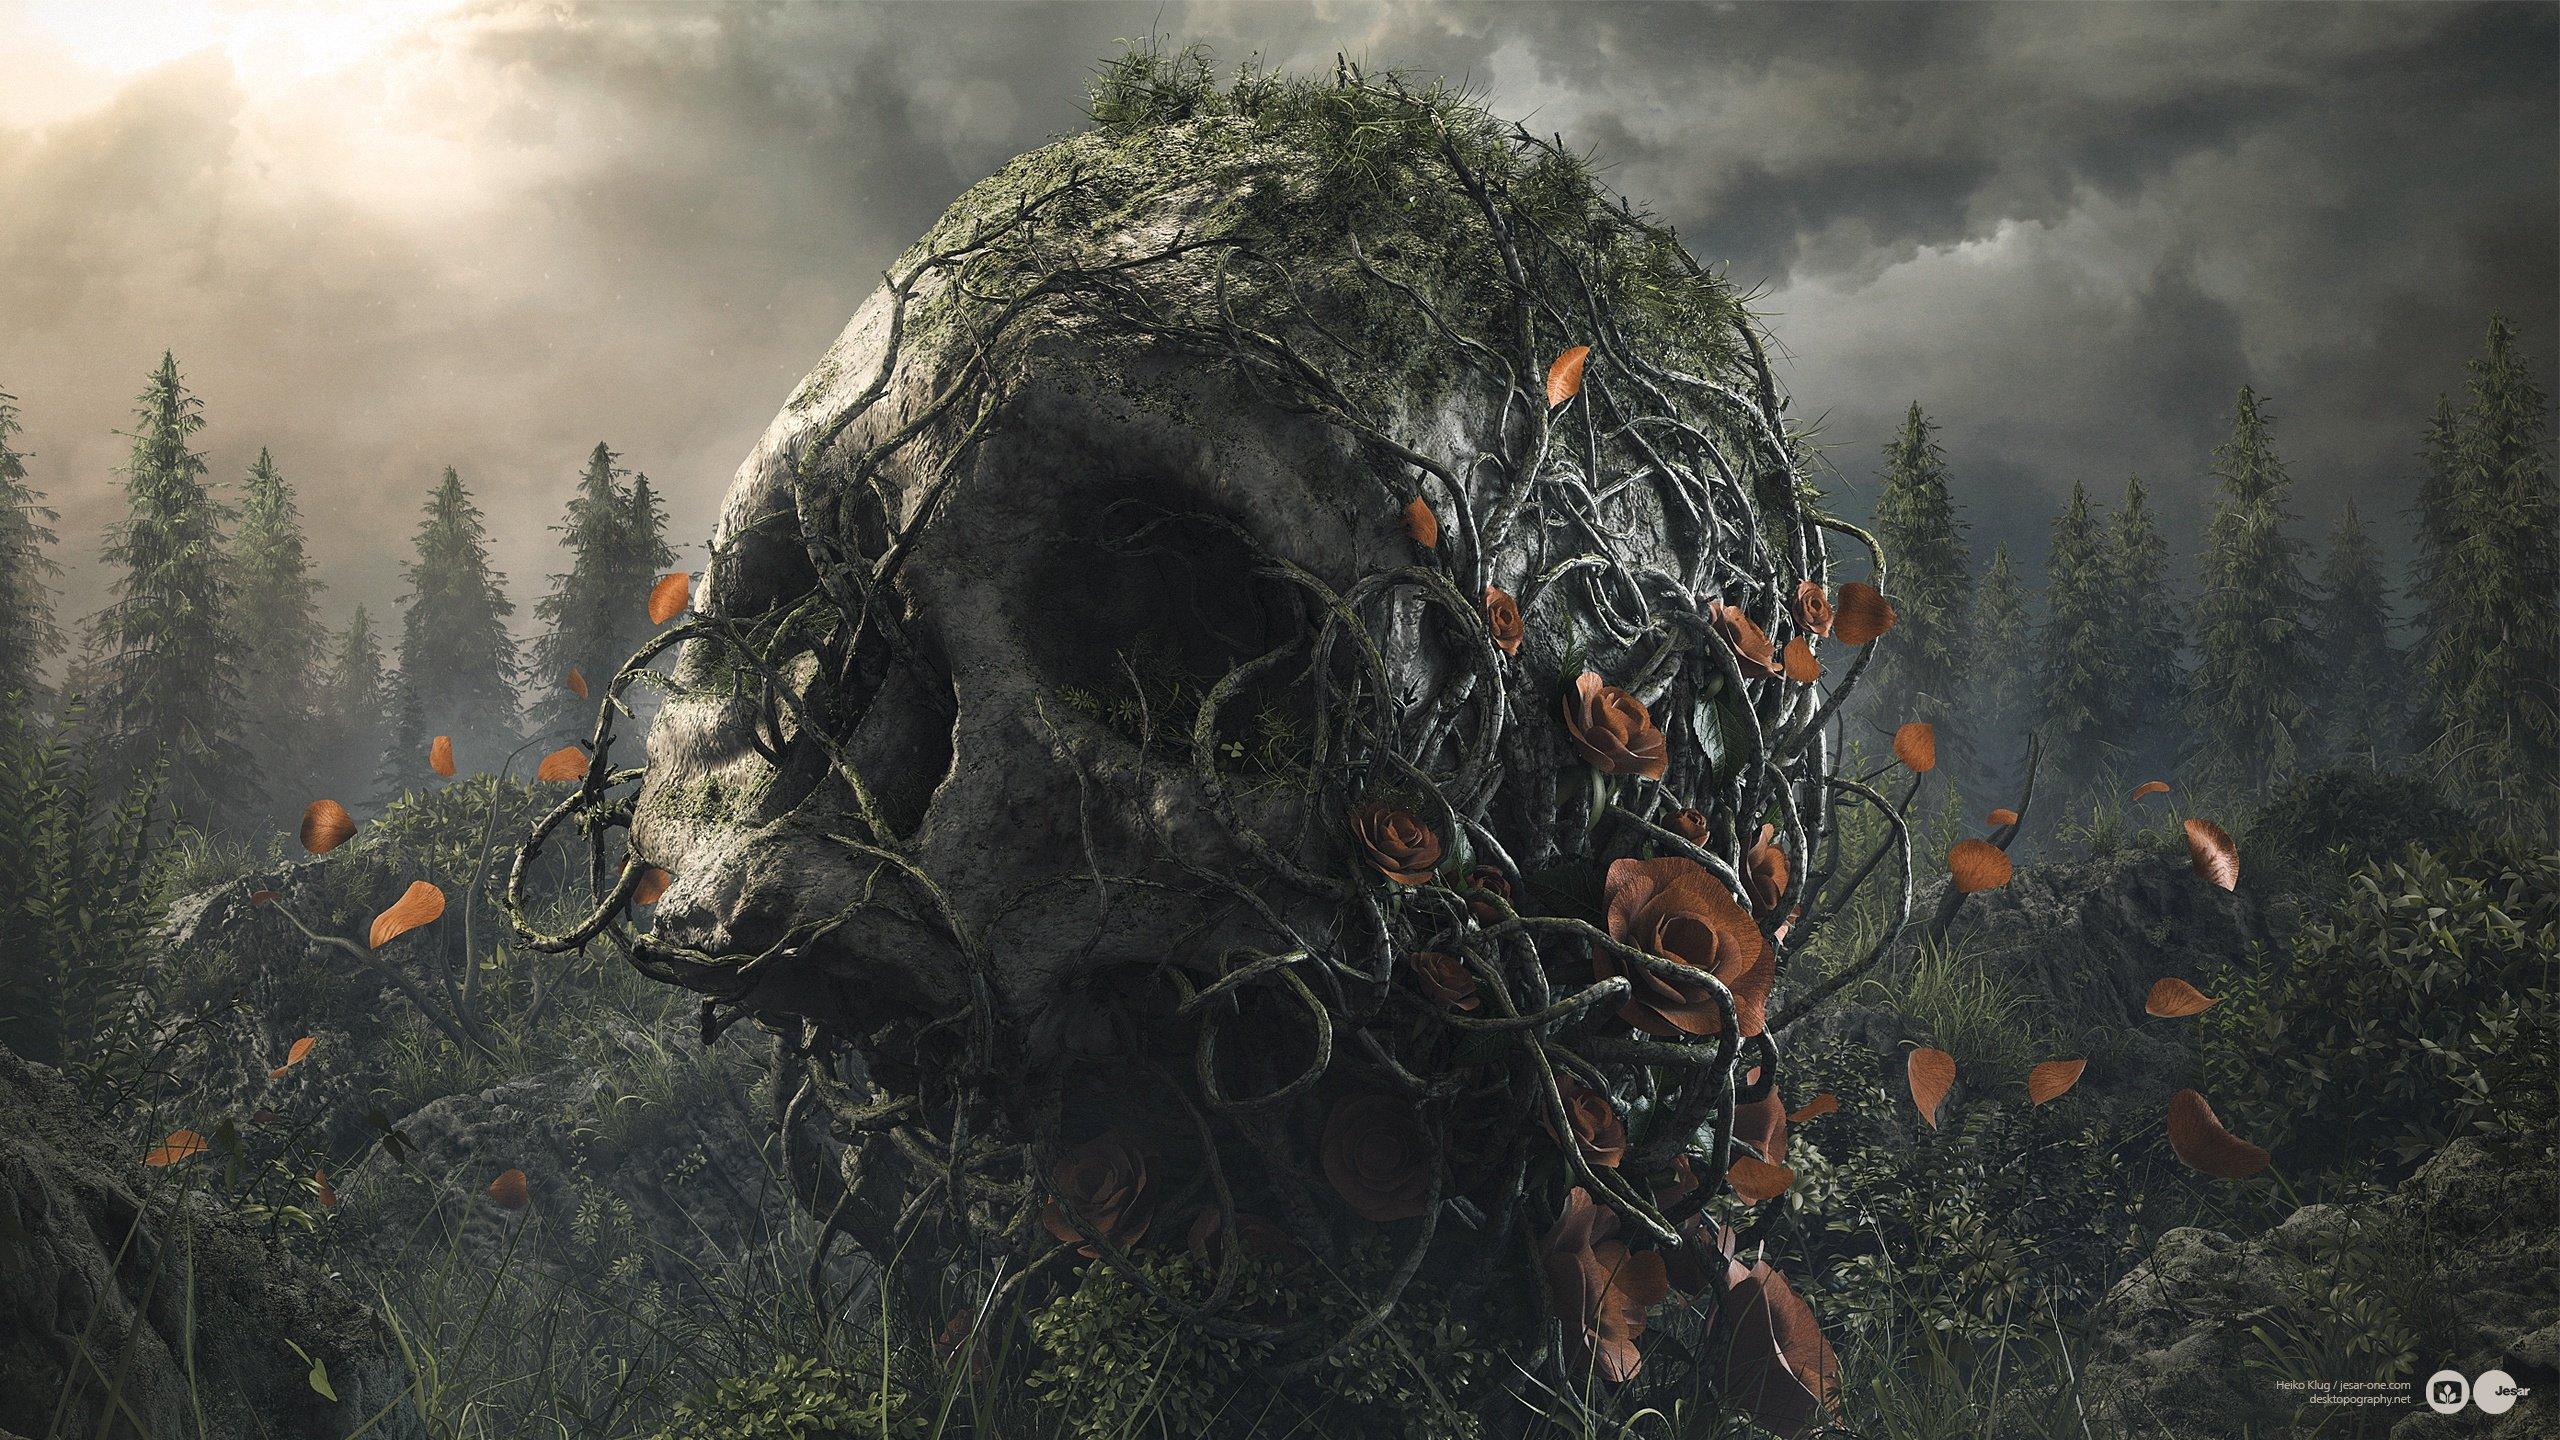 Desktopography Digital Art Fantasy Beauty Skull Dark Wallpaper 2560x1440 952816 Wallpaperup